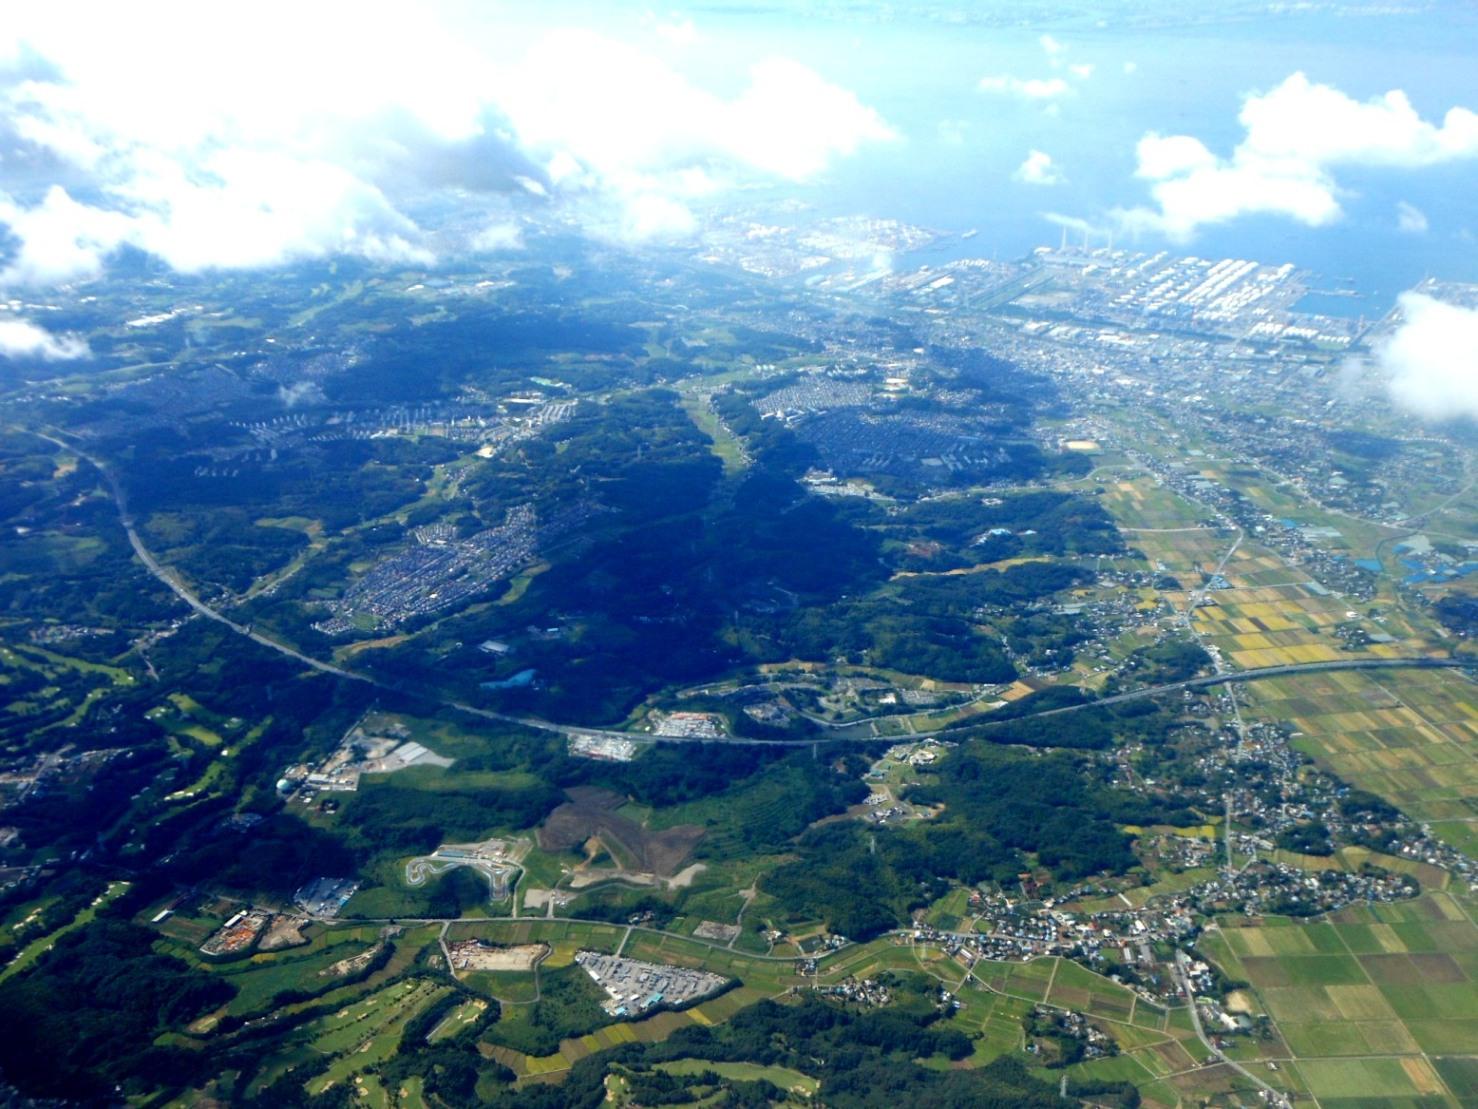 1823) ①「金沢3泊4日旅行 『飛行機からの眺め』」_f0126829_8552072.jpg